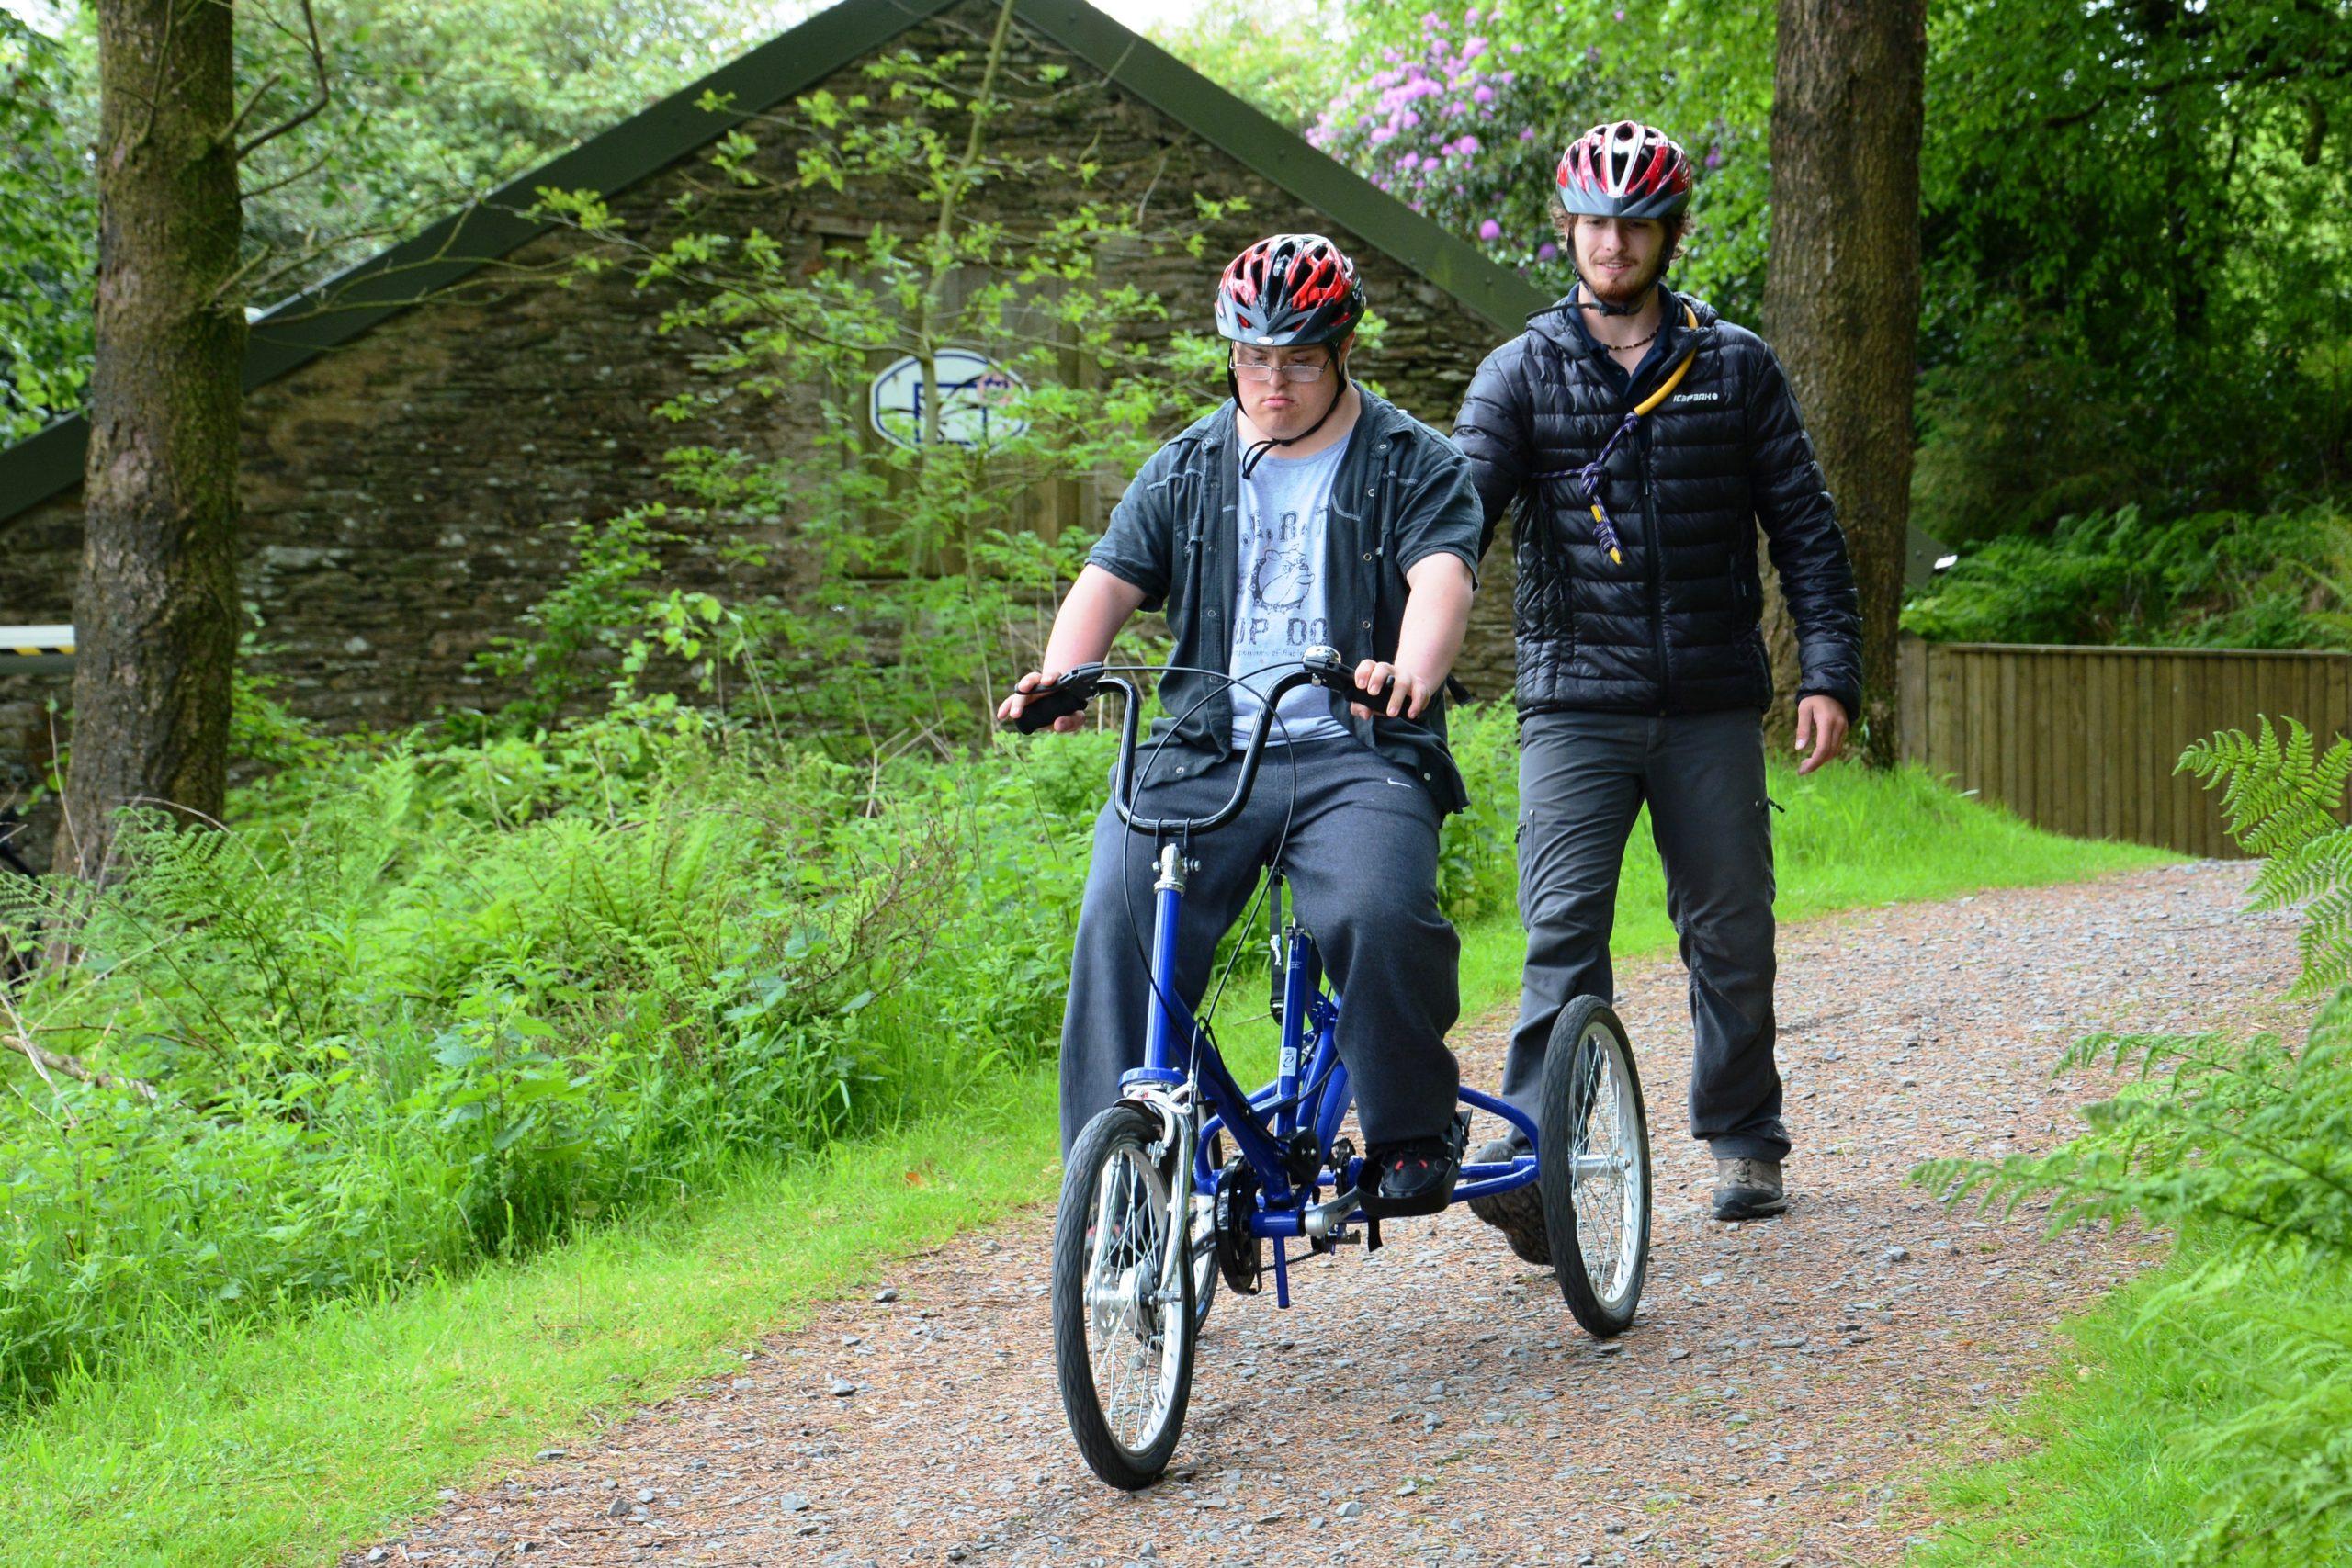 Trikes at Calvert Trust